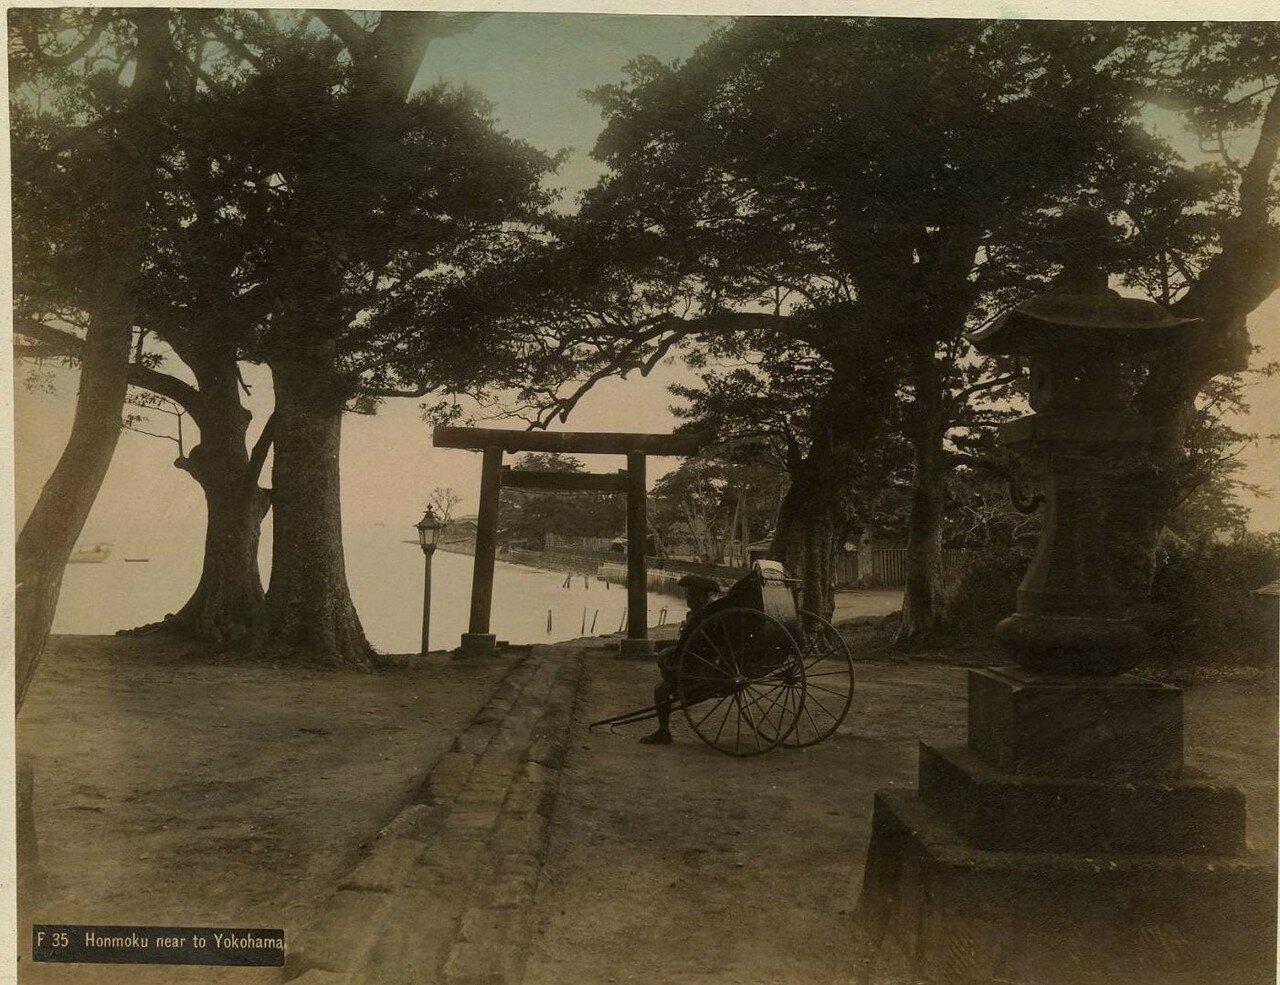 Окрестности Йокогамы. Хонмоку